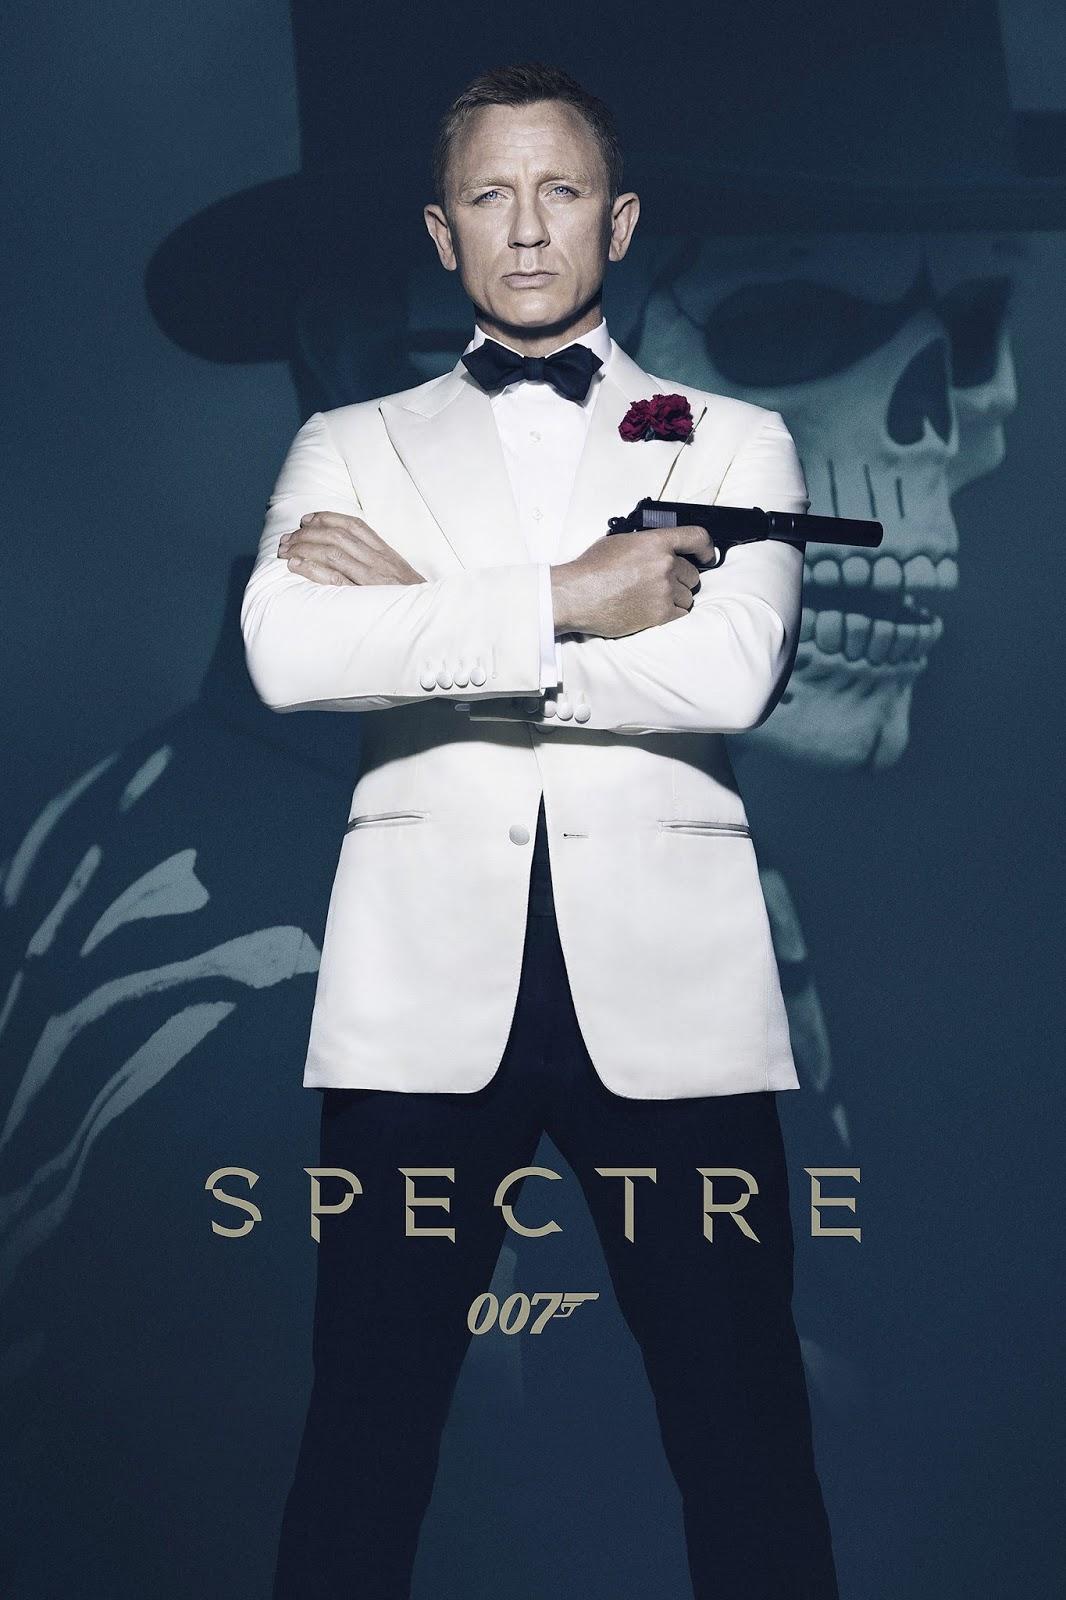 007: Contra Spectre – Dublado (2015)